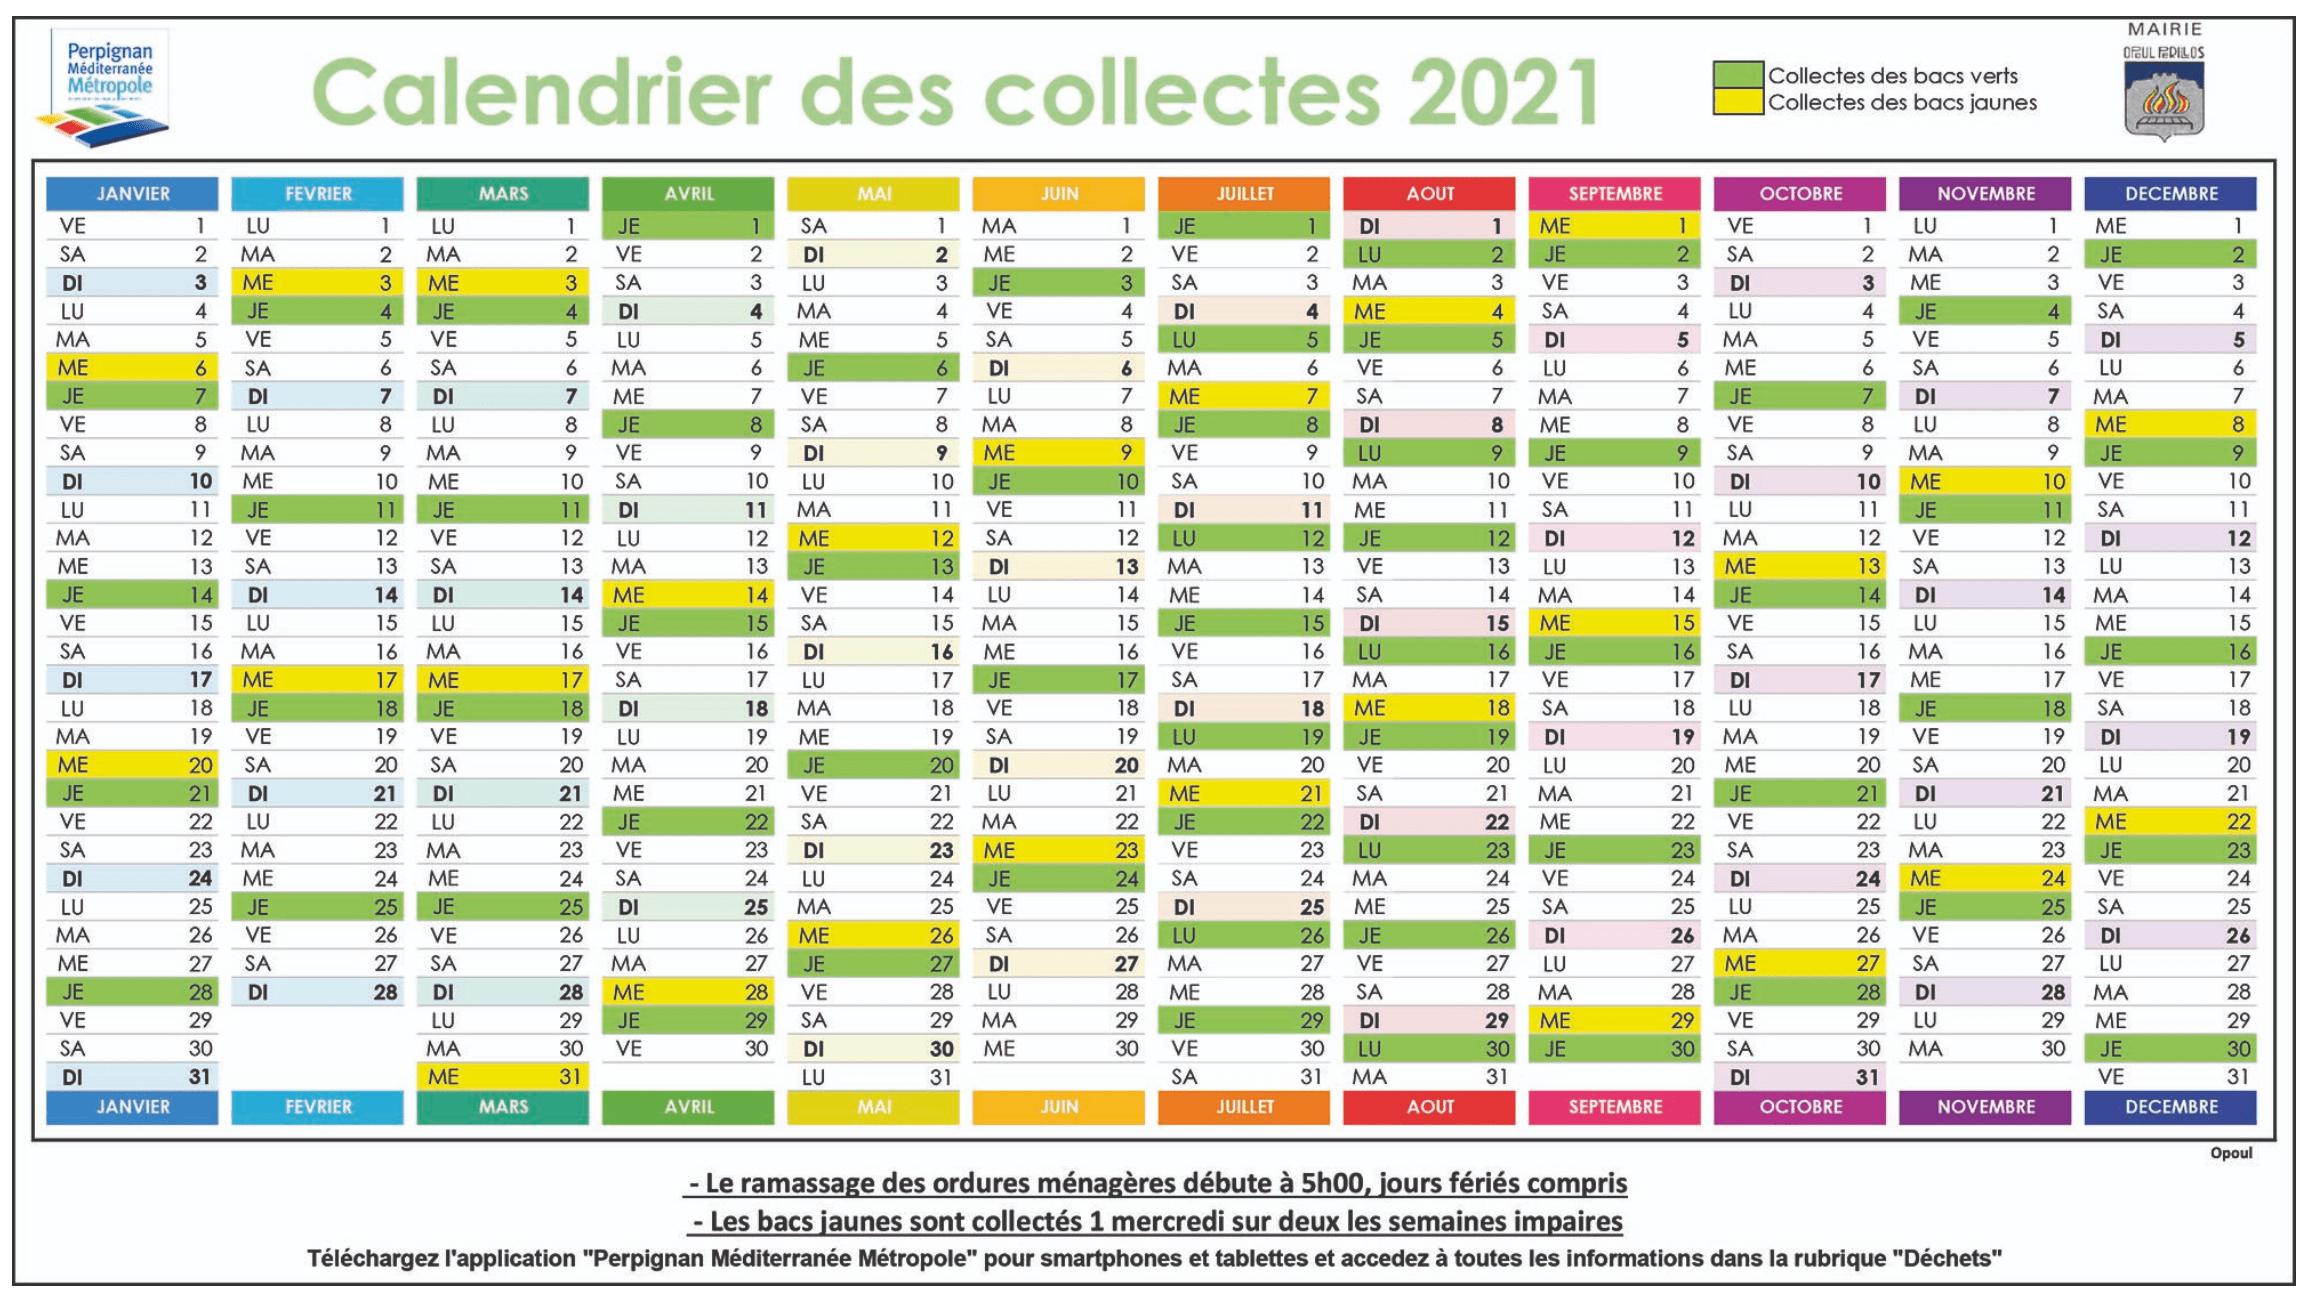 Calendrier collecte 2021